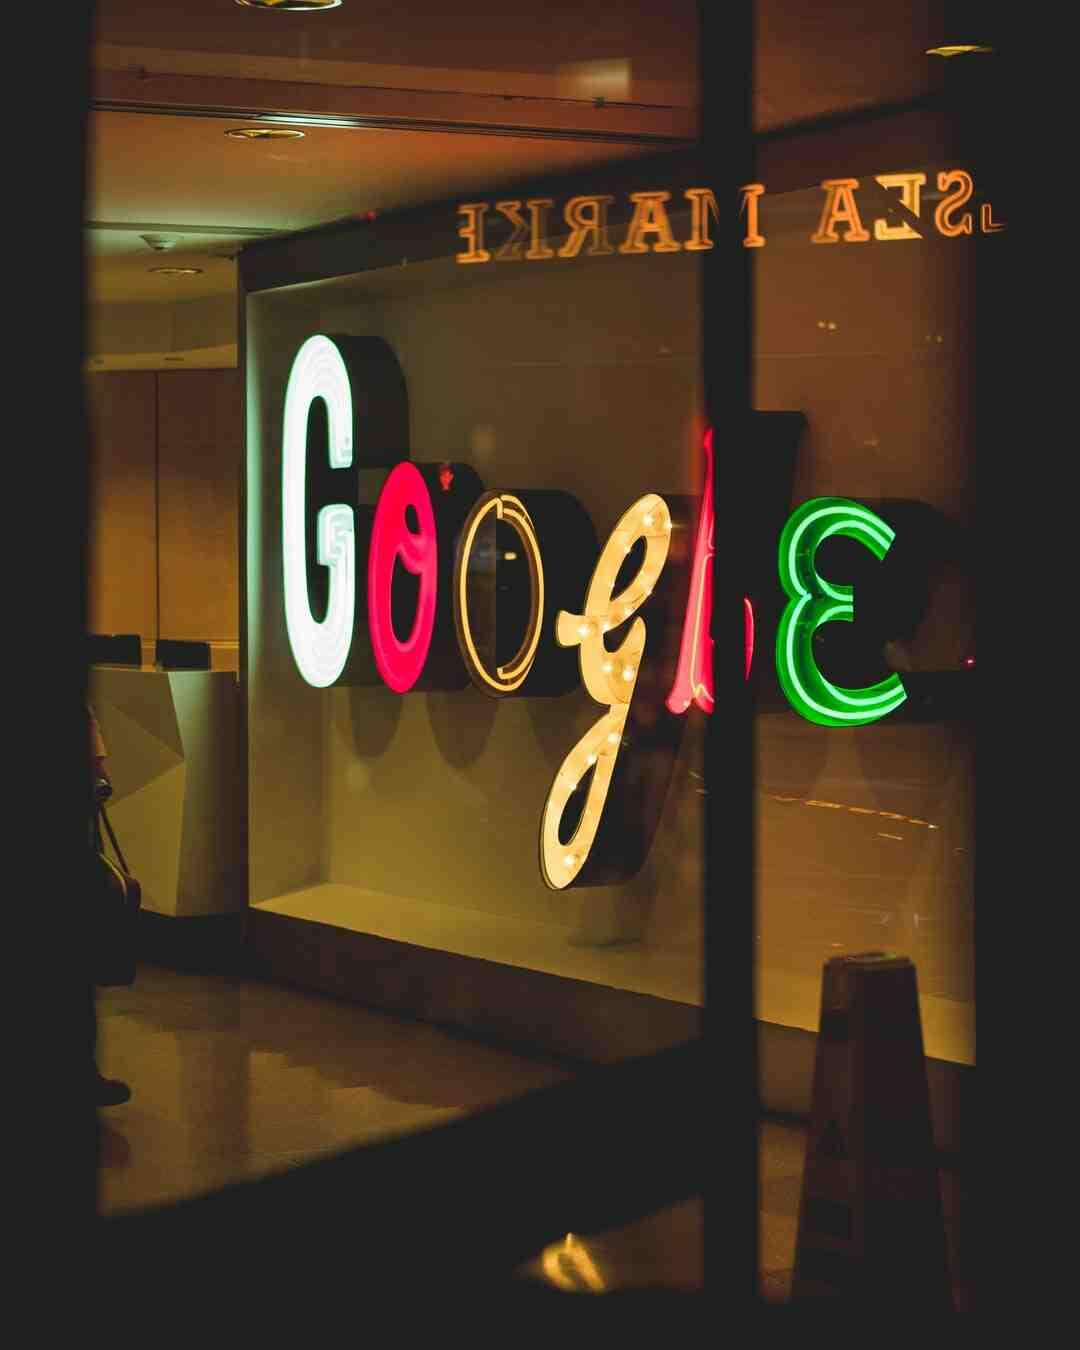 Comment mettre Google en moteur de recherche sur Mac Safari ?